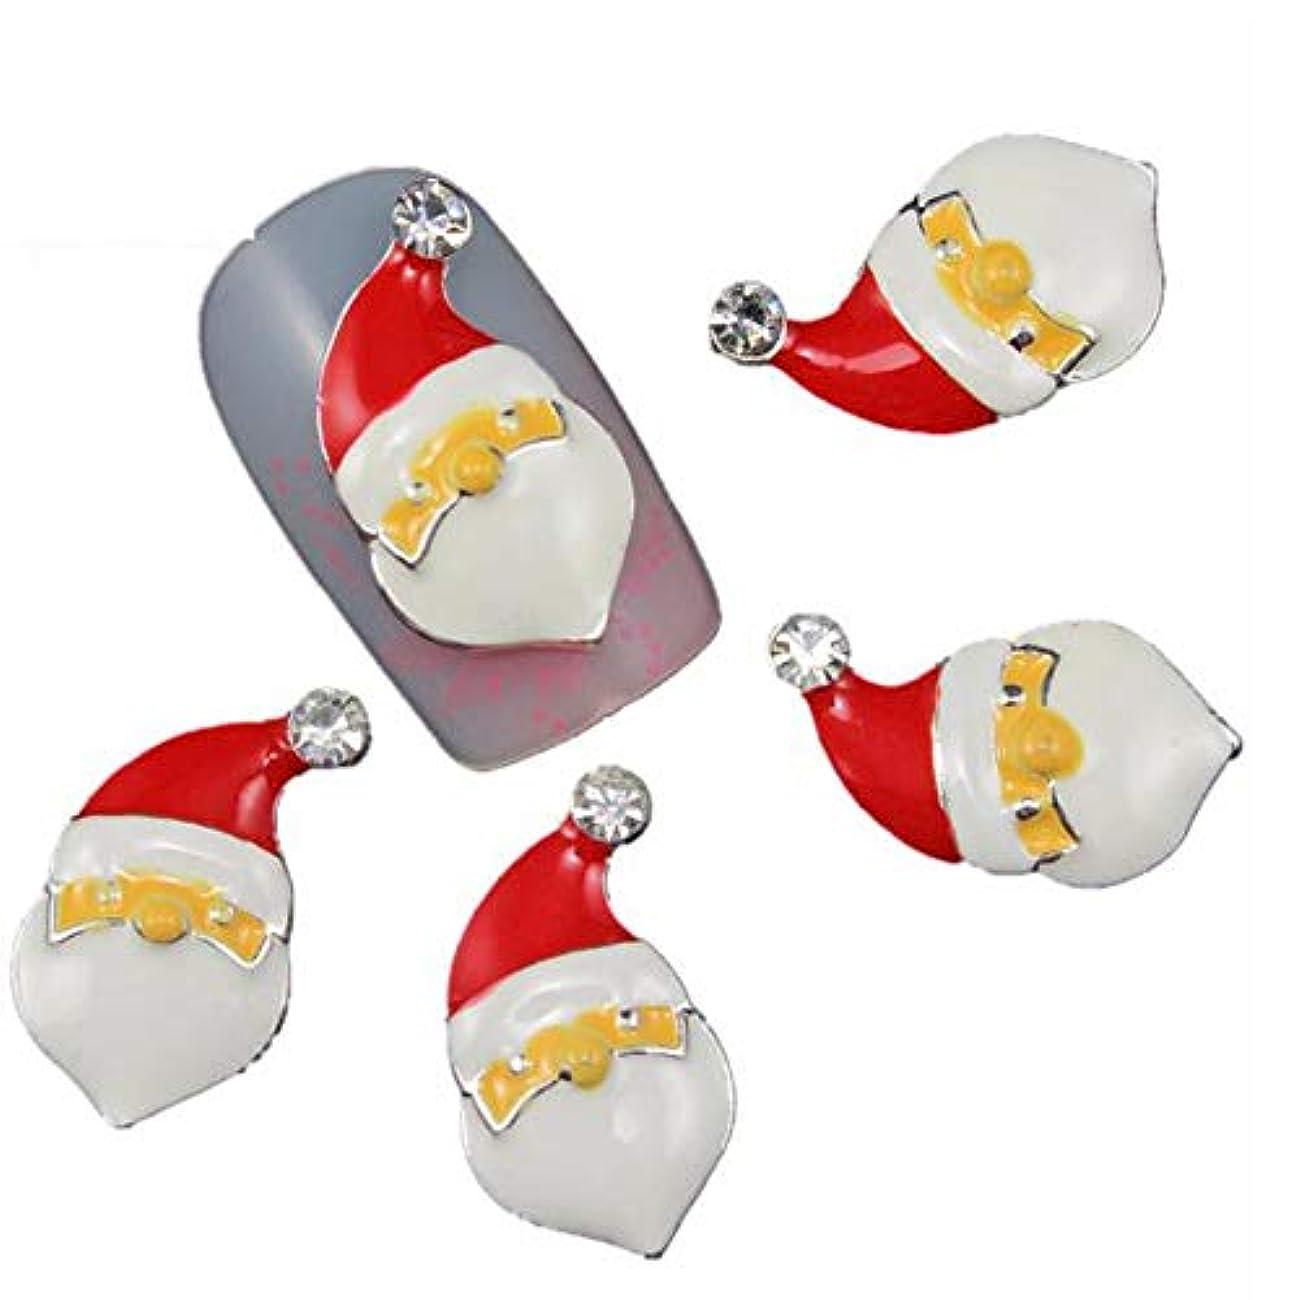 先見の明厳しいで出来ているチャームの釘のために10個/ロット3Dクリスマスネイルアートクラシックサンタクロースデザインマニキュアの装飾のクリスタルラインストーン